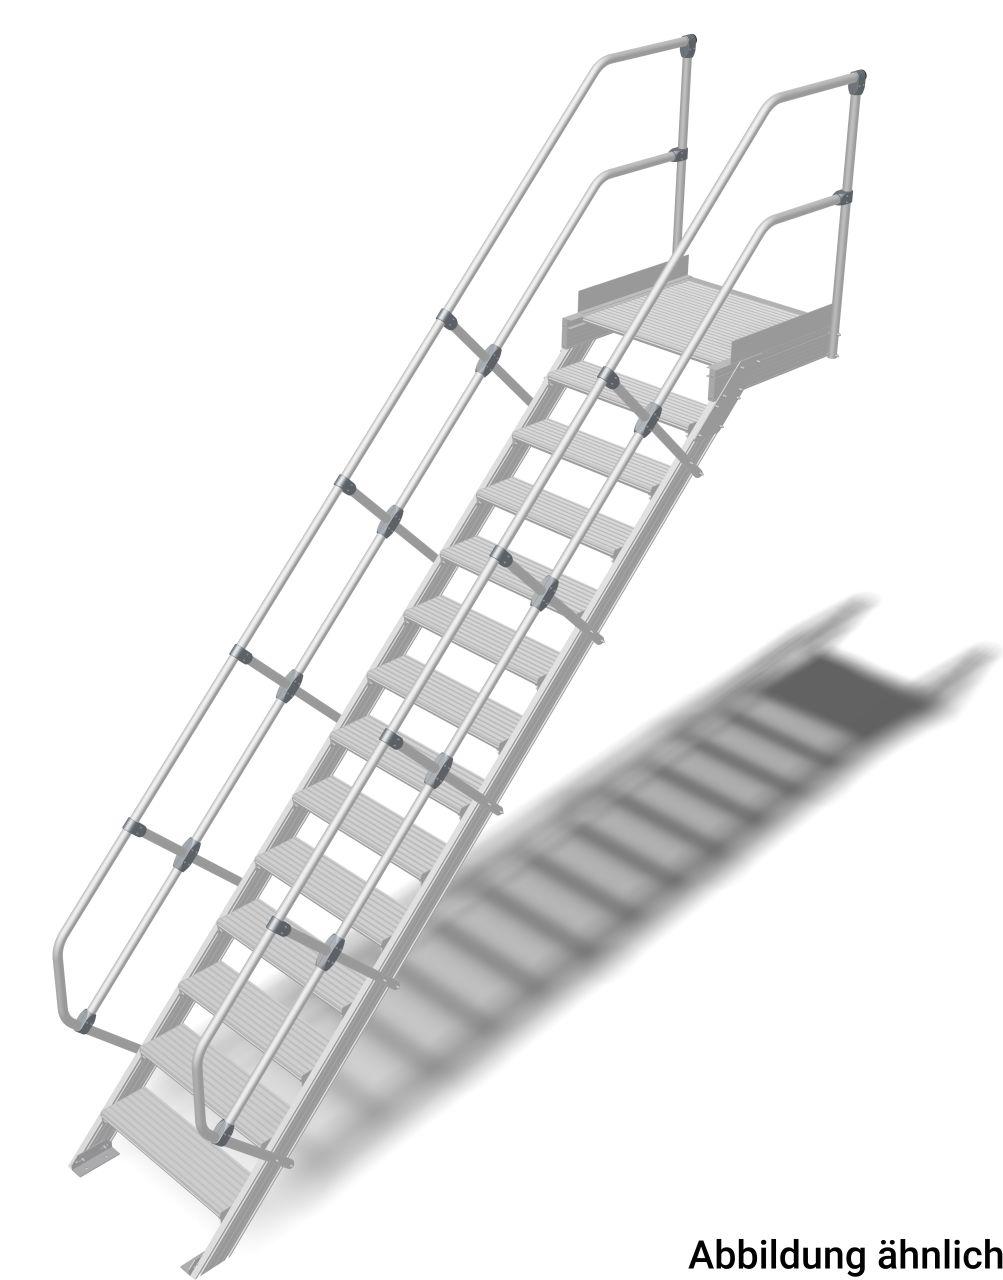 Treppe mit Plattform (Leichtmetall) Robuste Aluminium-Treppe für den sicheren Zugang zu Türen oder Zwischenböden etc. in Anlehnung an die DIN EN ISO14192